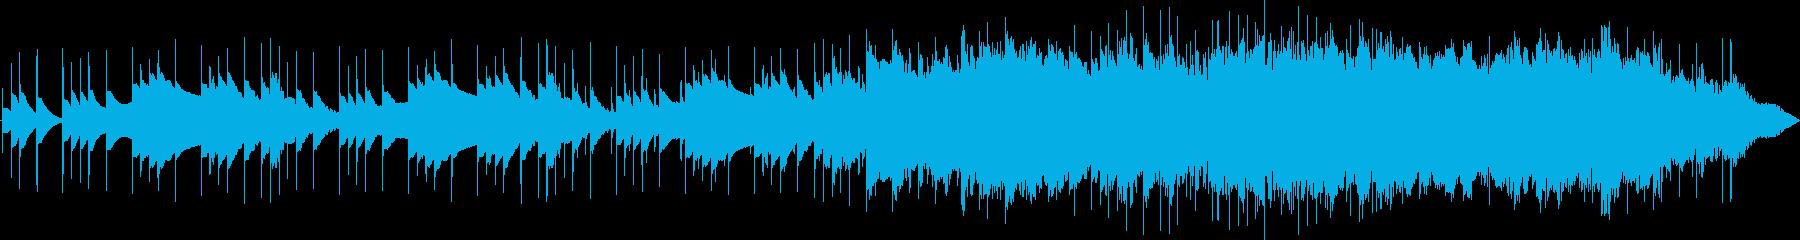 レトロゲームサウンド8bit RPG系の再生済みの波形